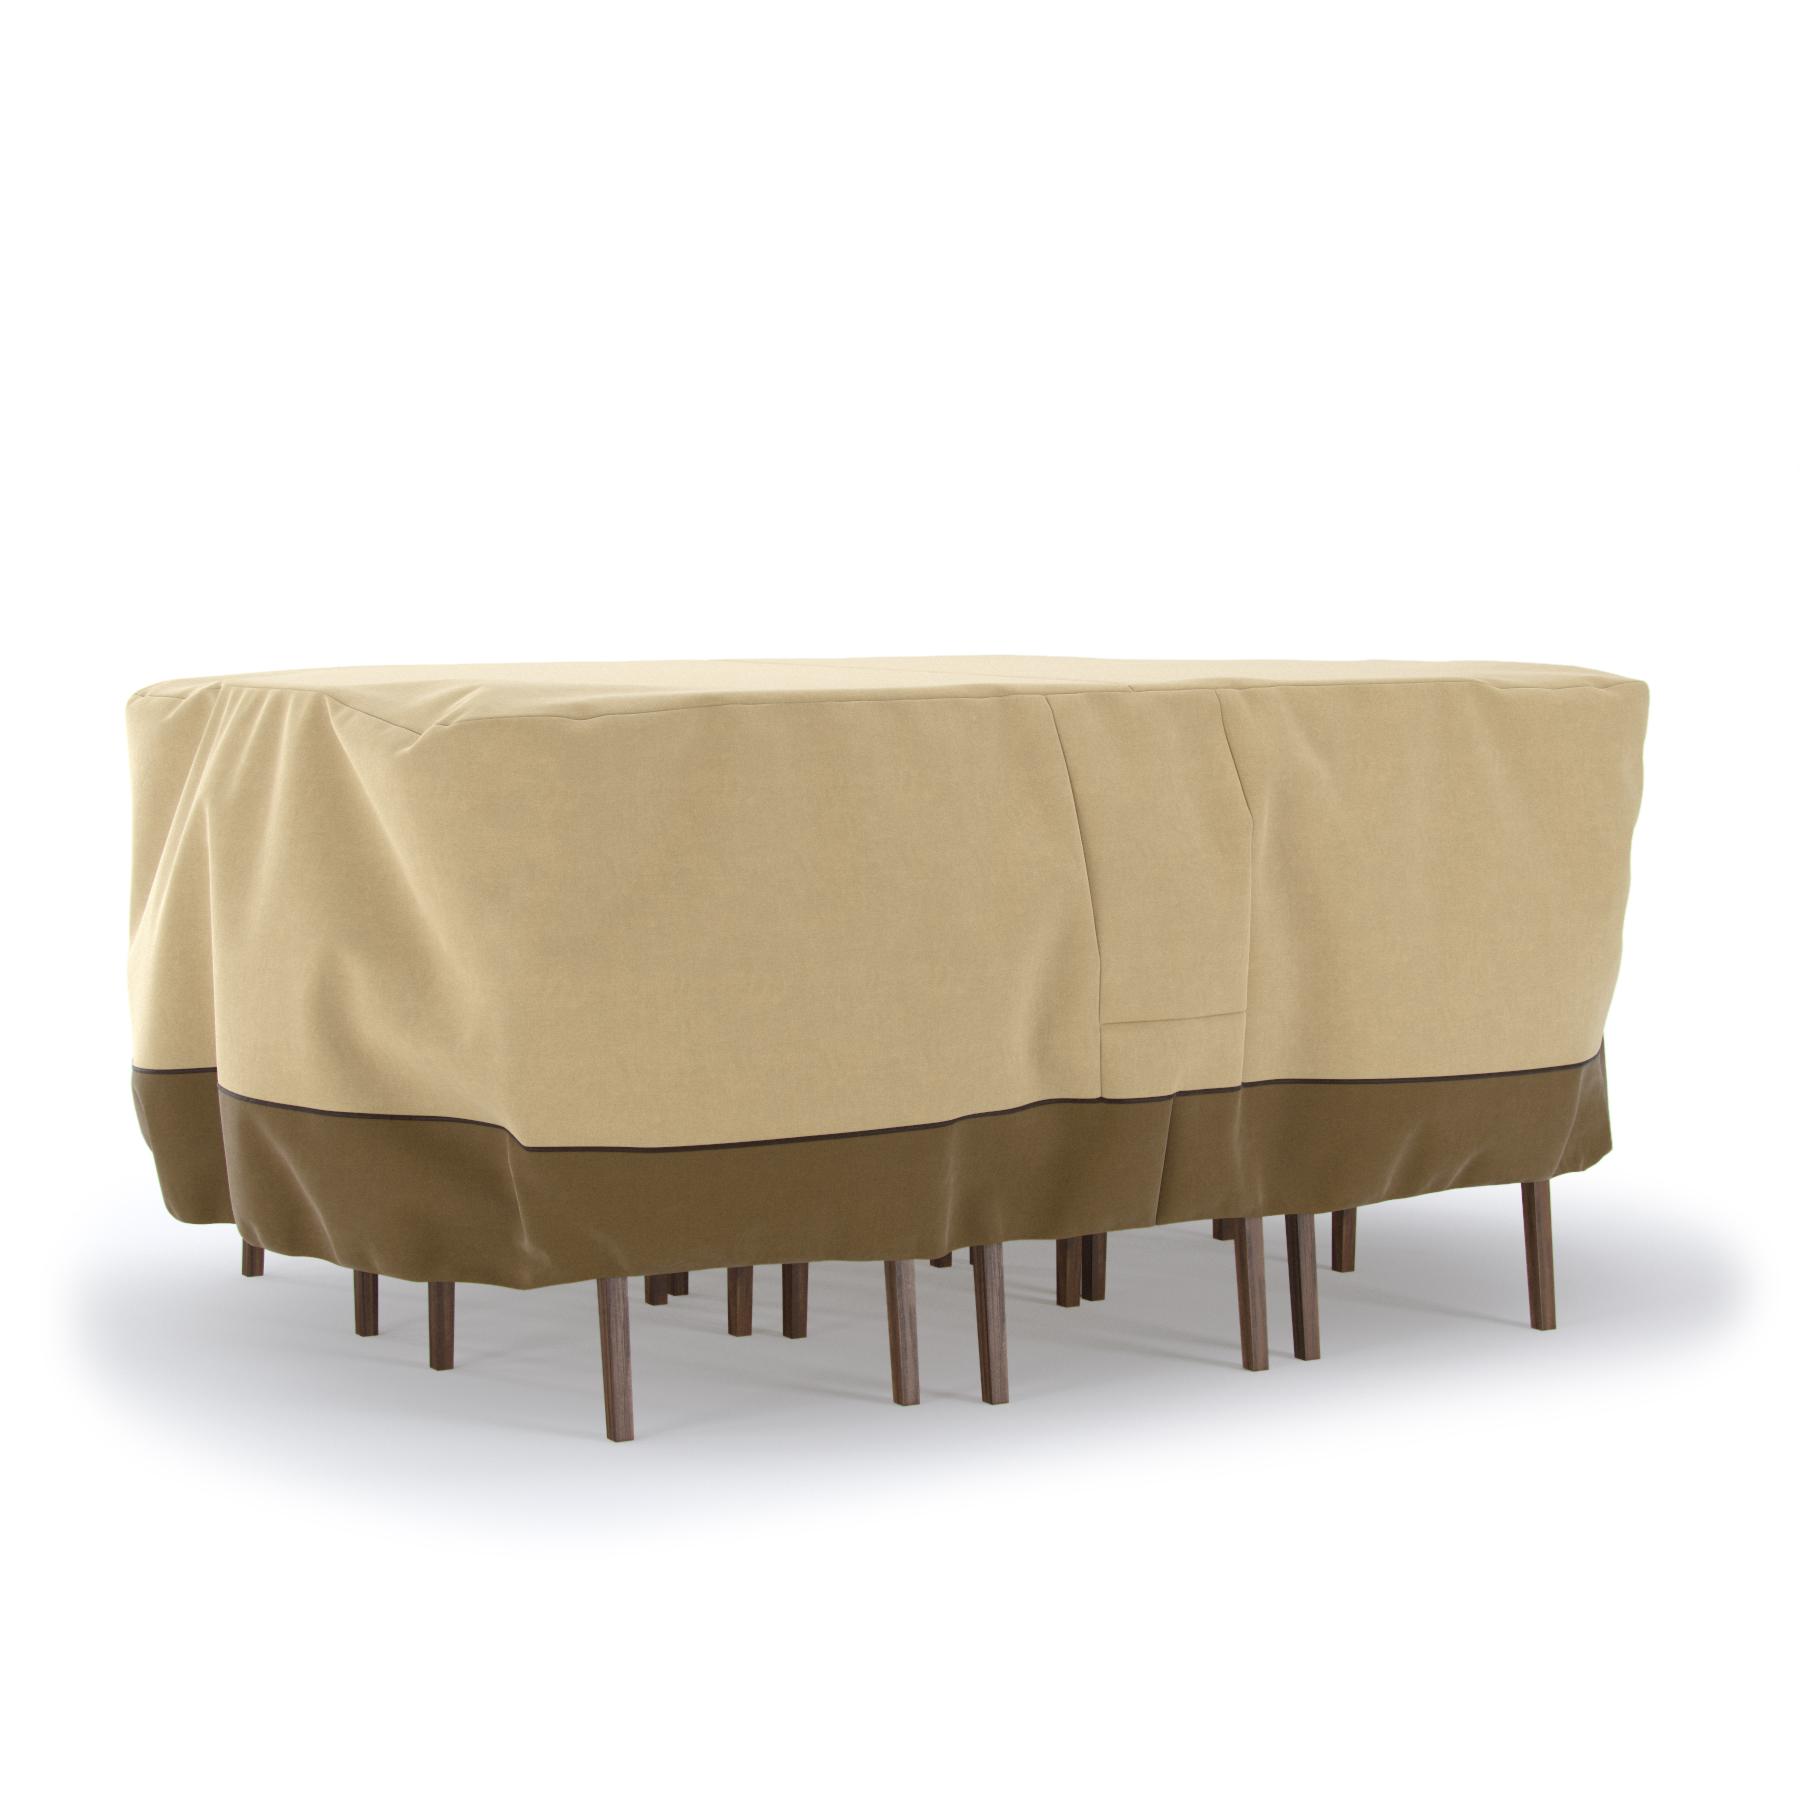 Oval Heavy Duty Patio Table Chair Set